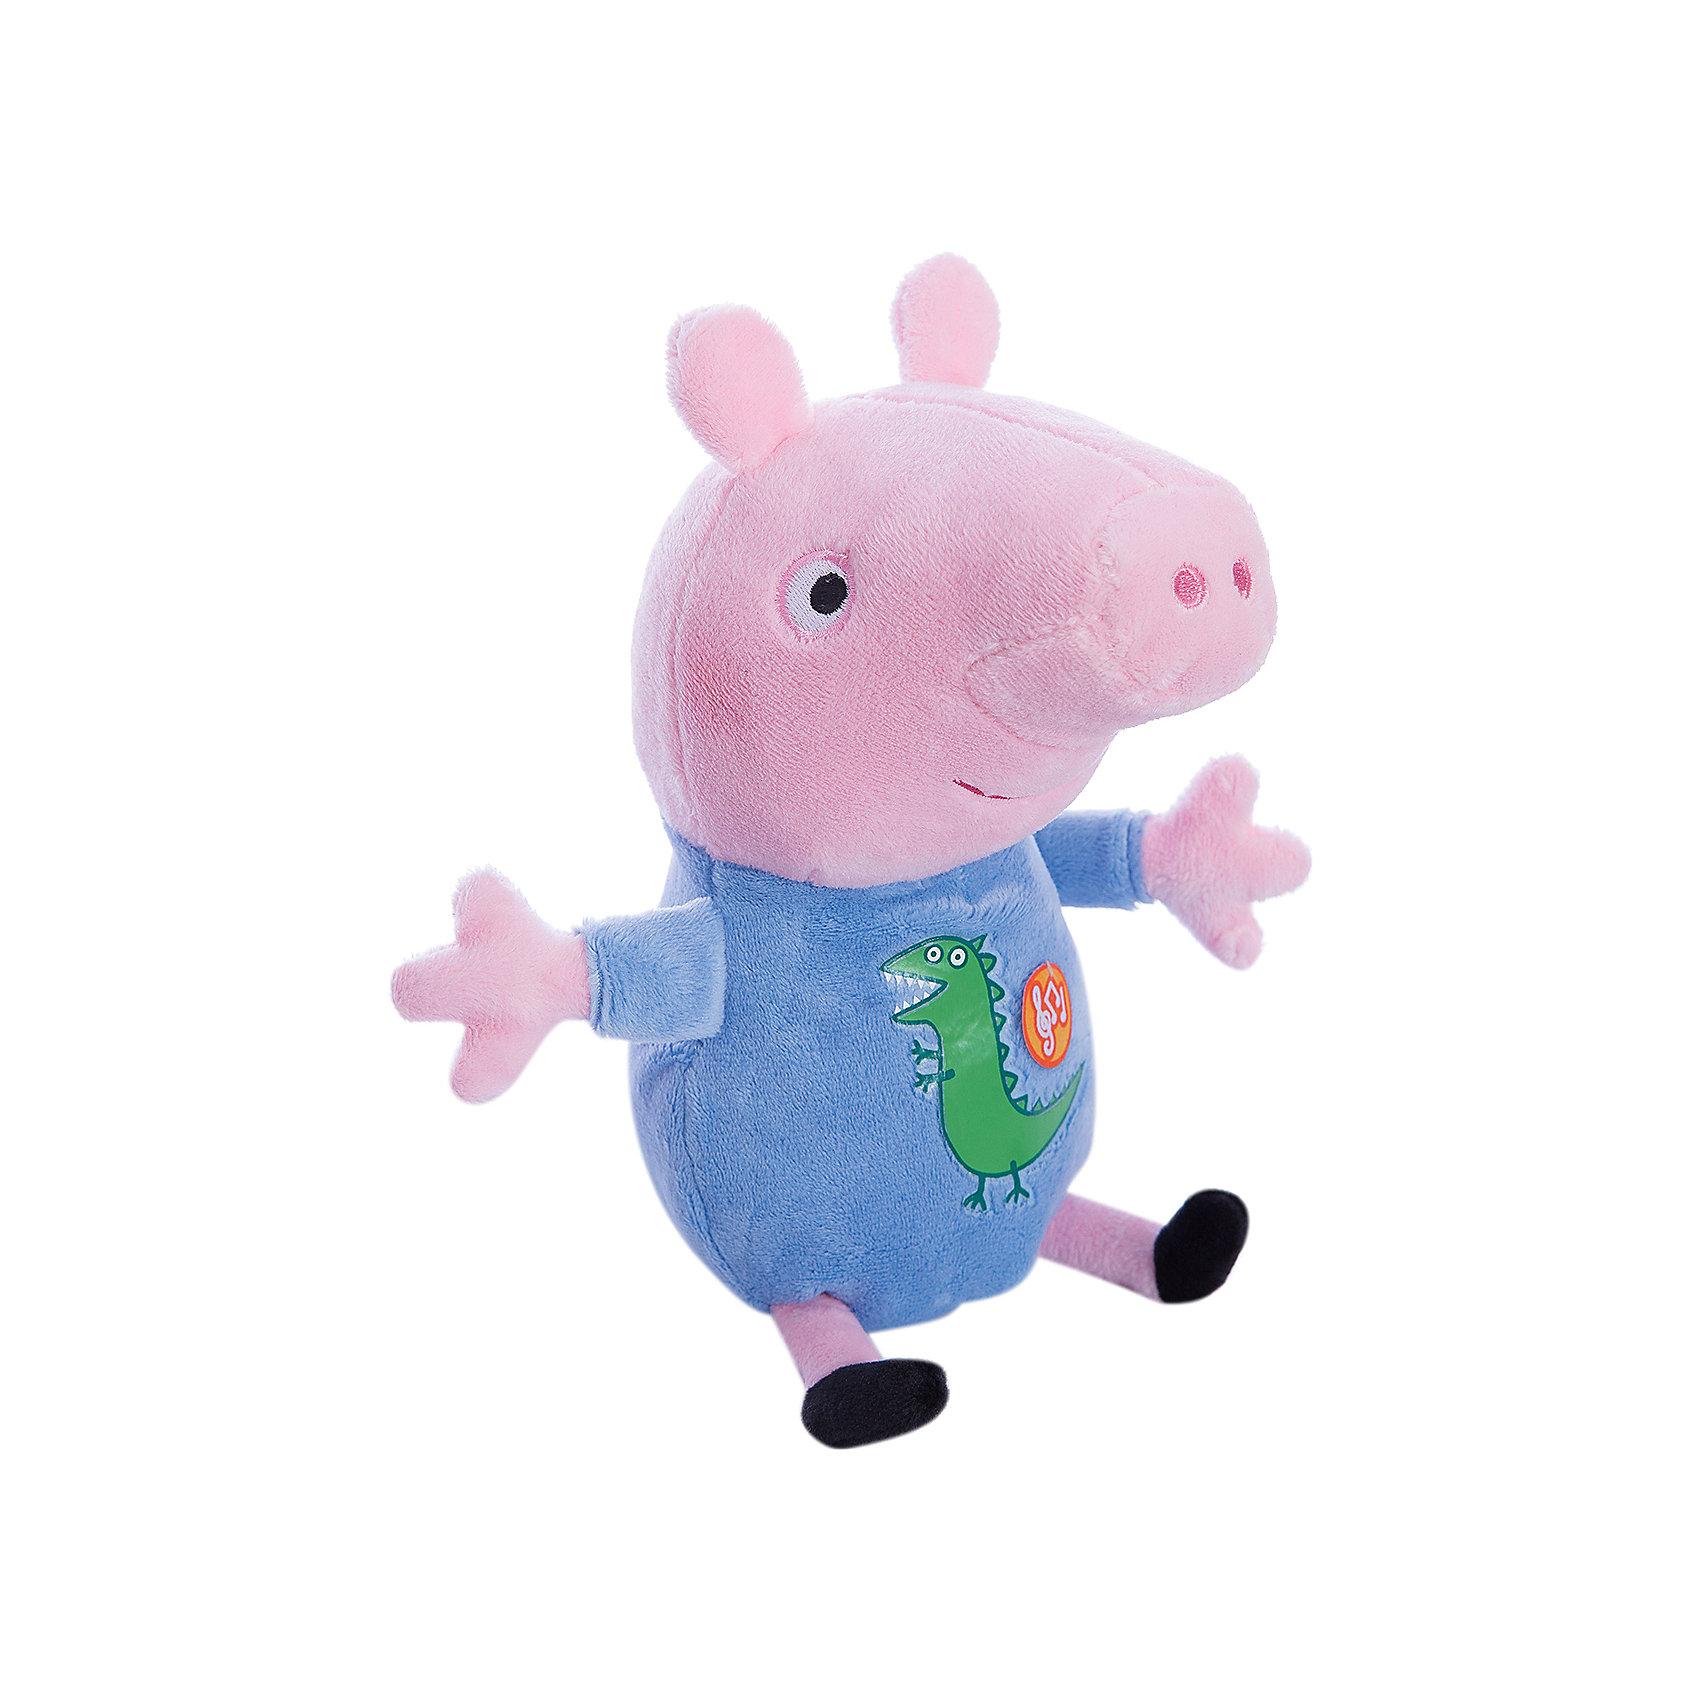 Росмэн Мягкая игрушка Джордж, 25 см, со звуком, Свинка Пеппа мягкая игрушка peppa pig джордж с машинкой свинка розовый текстиль 18 см 29620